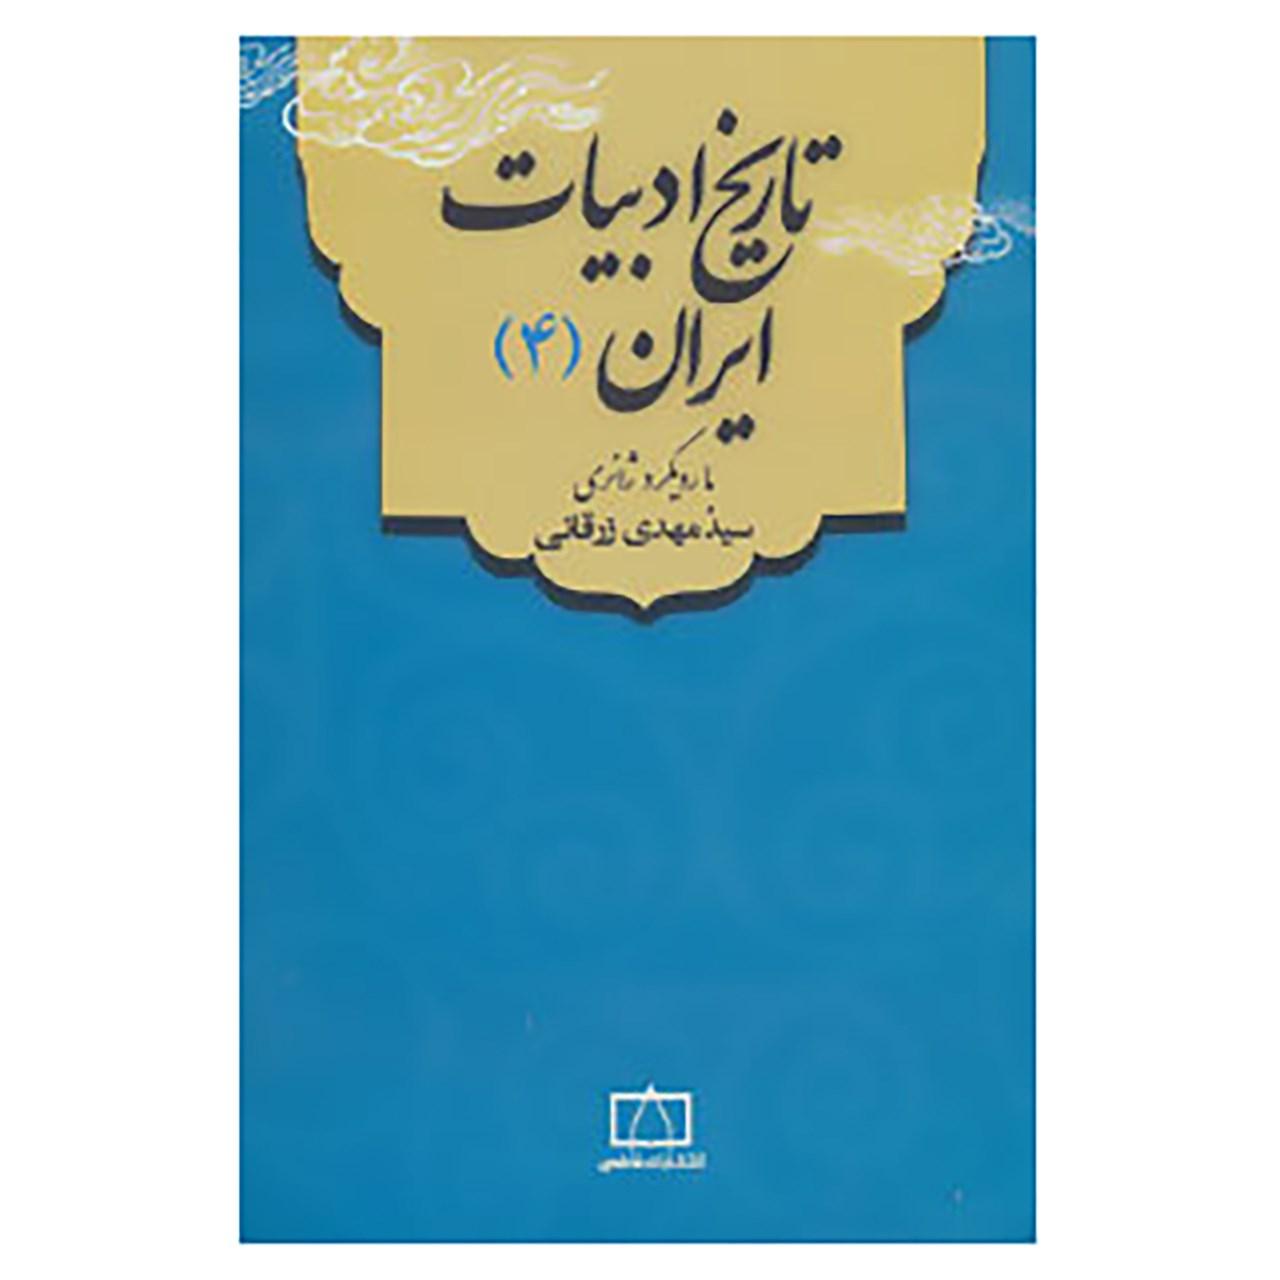 کتاب تاریخ ادبیات ایران 4 اثر مهدی زرقانی